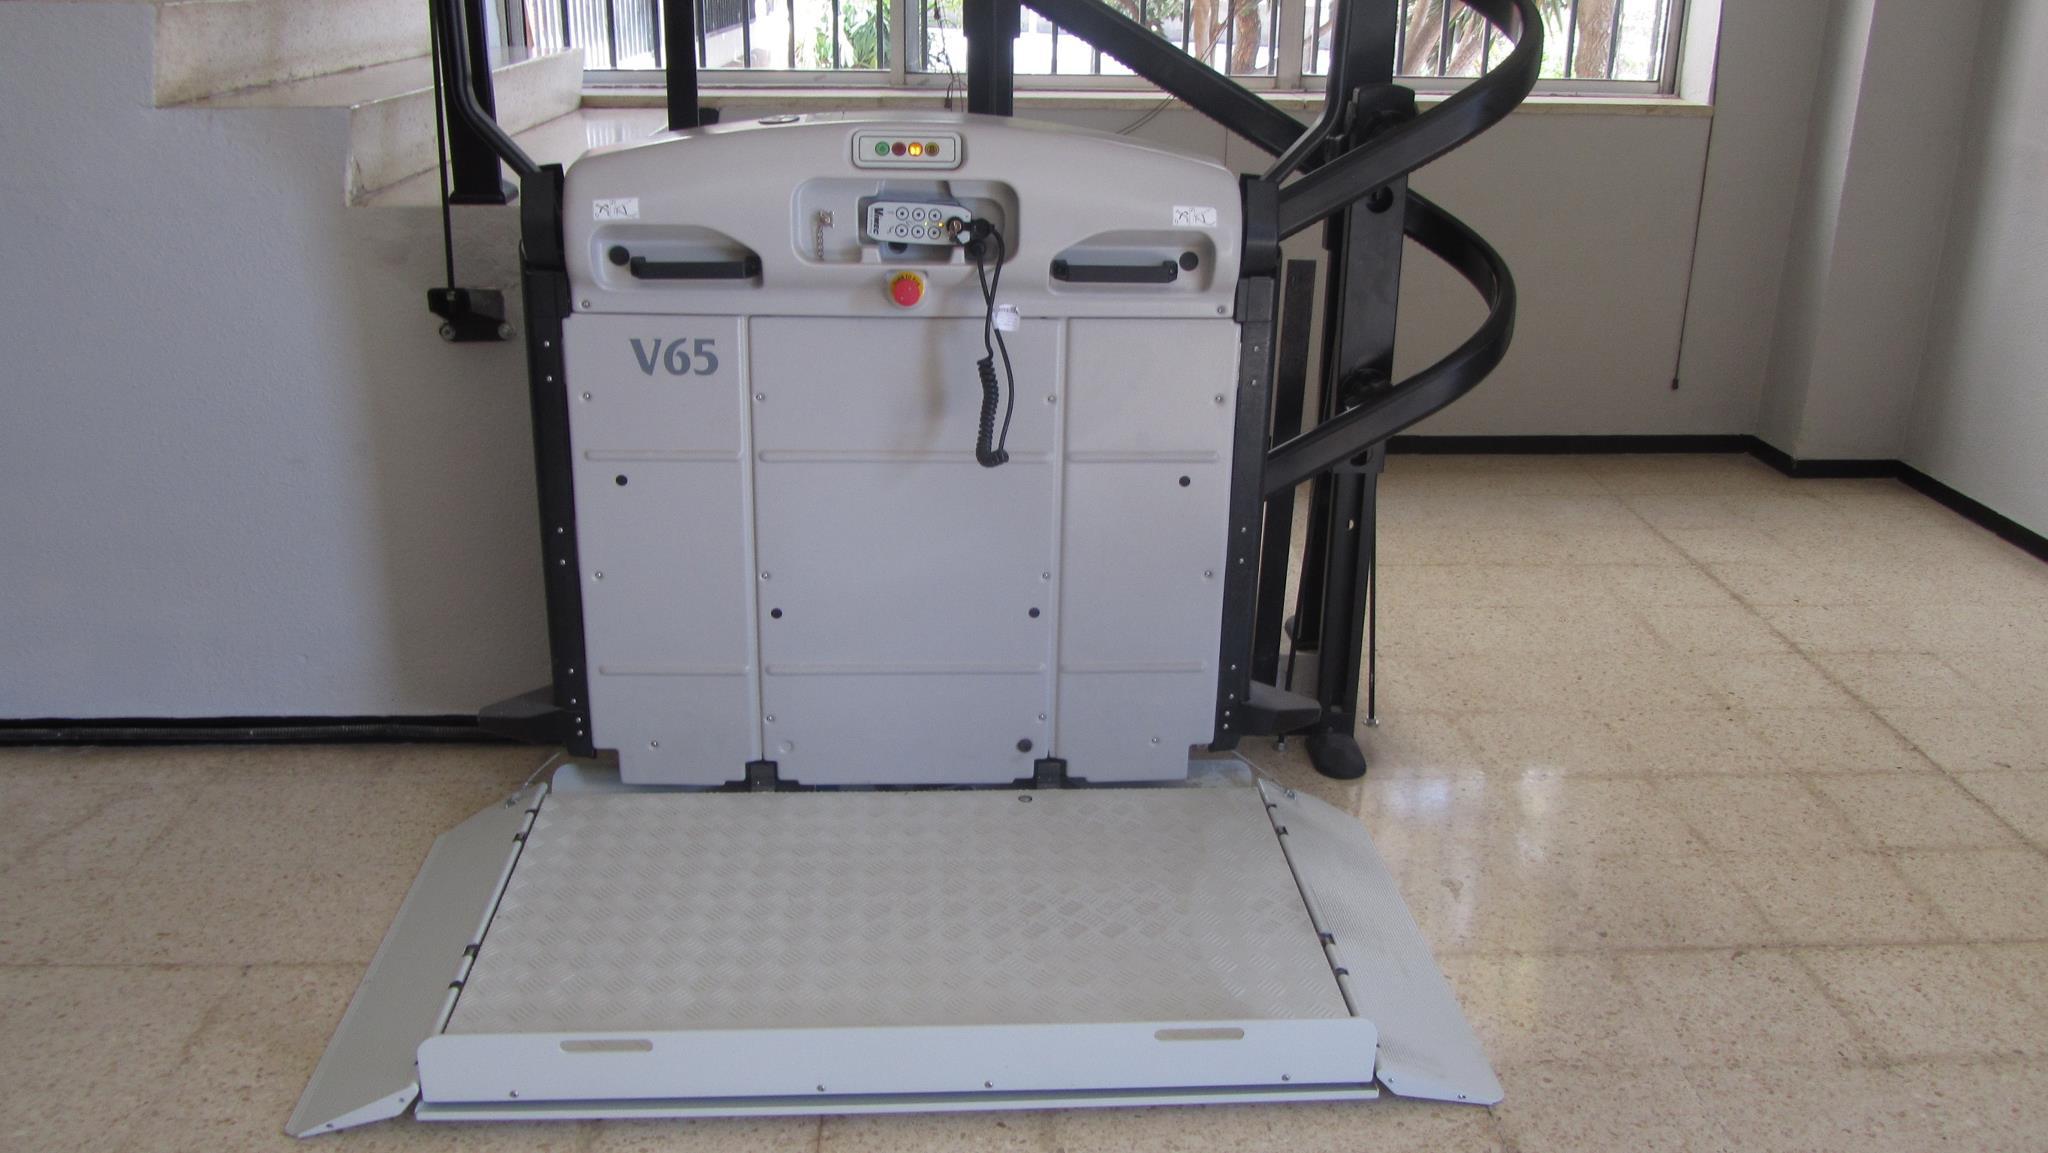 Foto 17 de Venta, instalación y reparaciones de aparatos elevadores en Tegueste | Mobiliteg Solutions